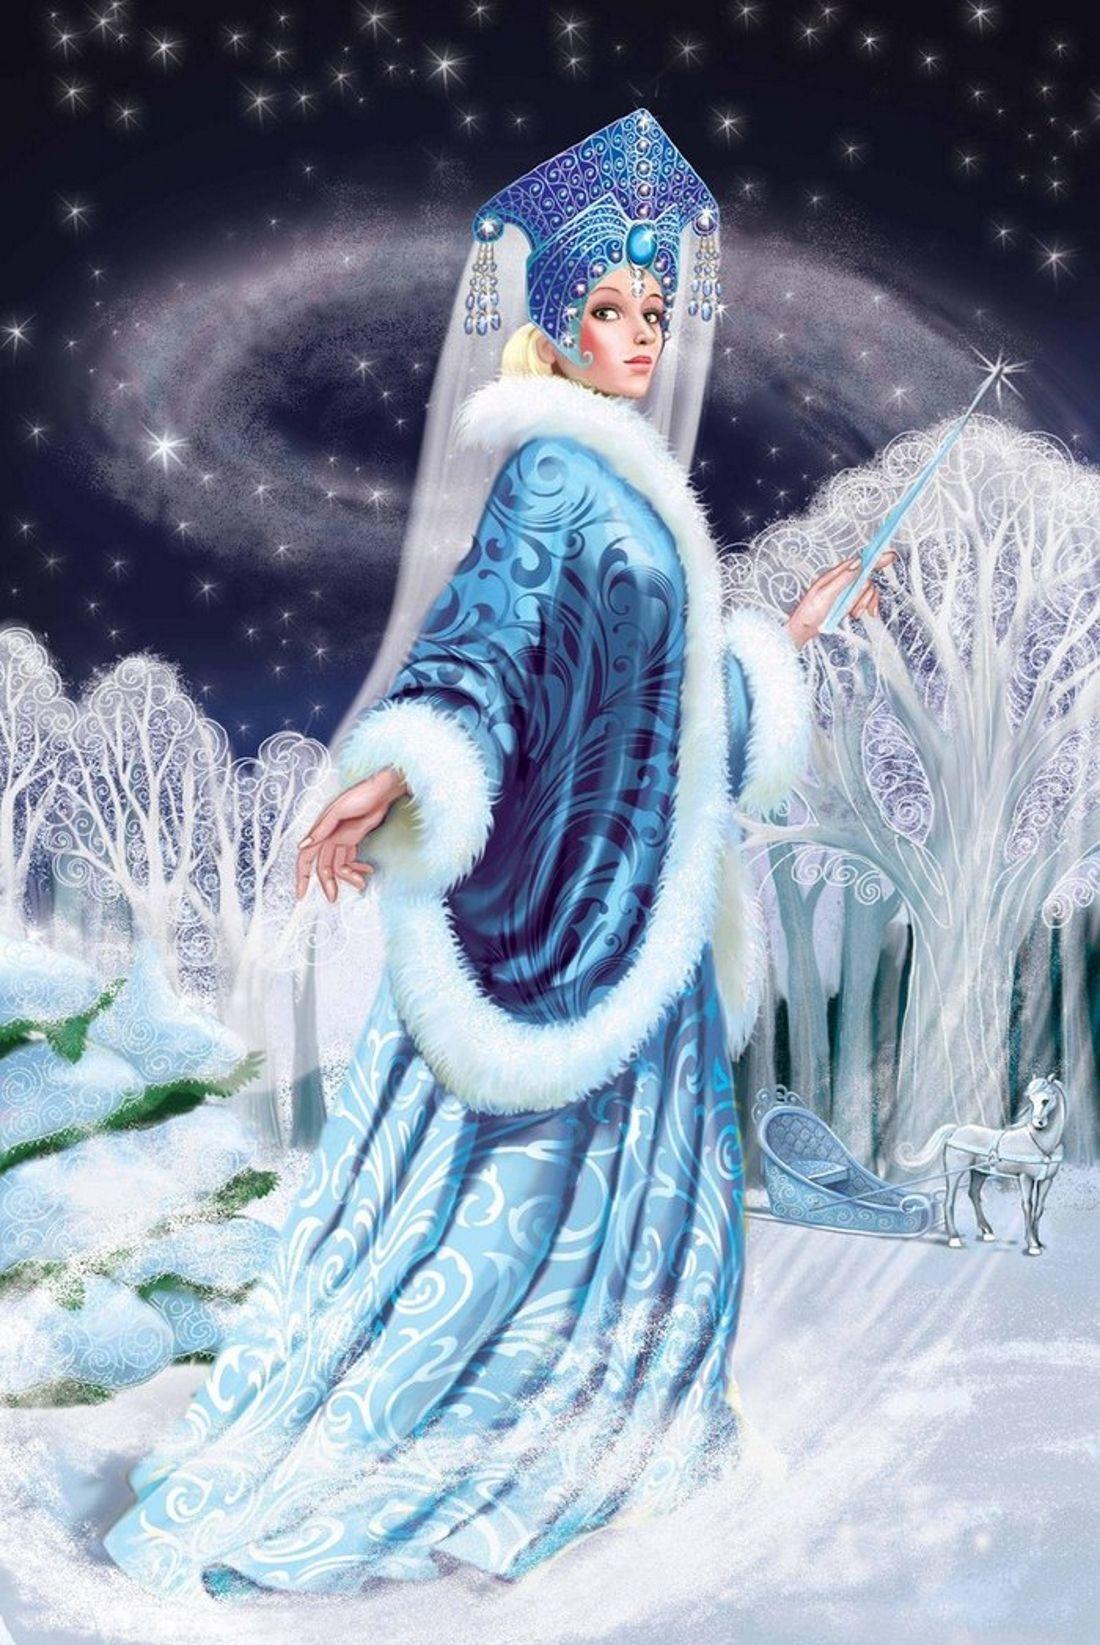 Девушка зима картинки сказочные